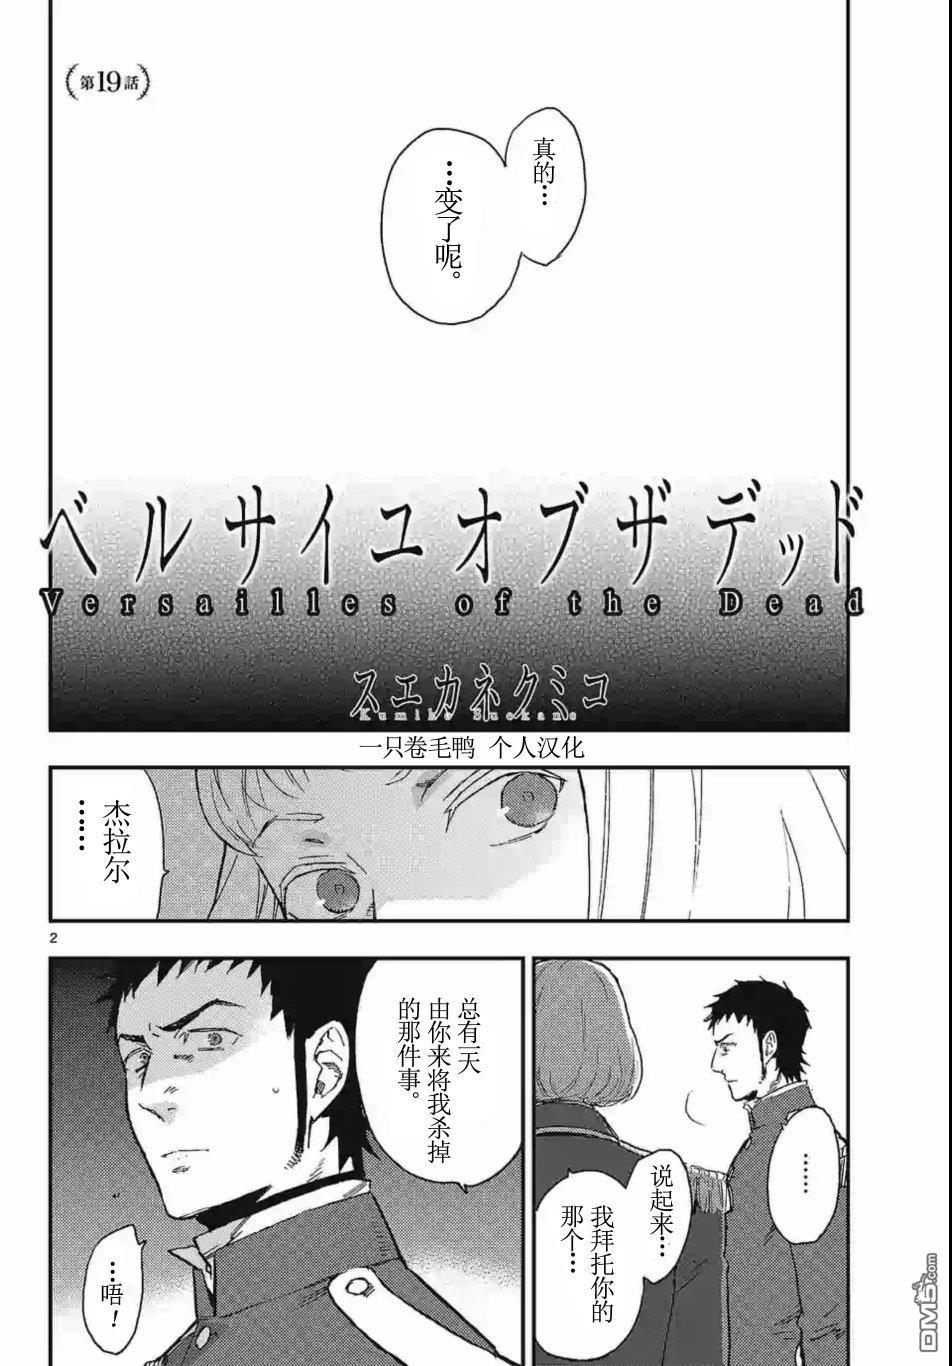 屍亂凡爾賽漫畫第19話(13P)(第1頁)劇情-二次元動漫